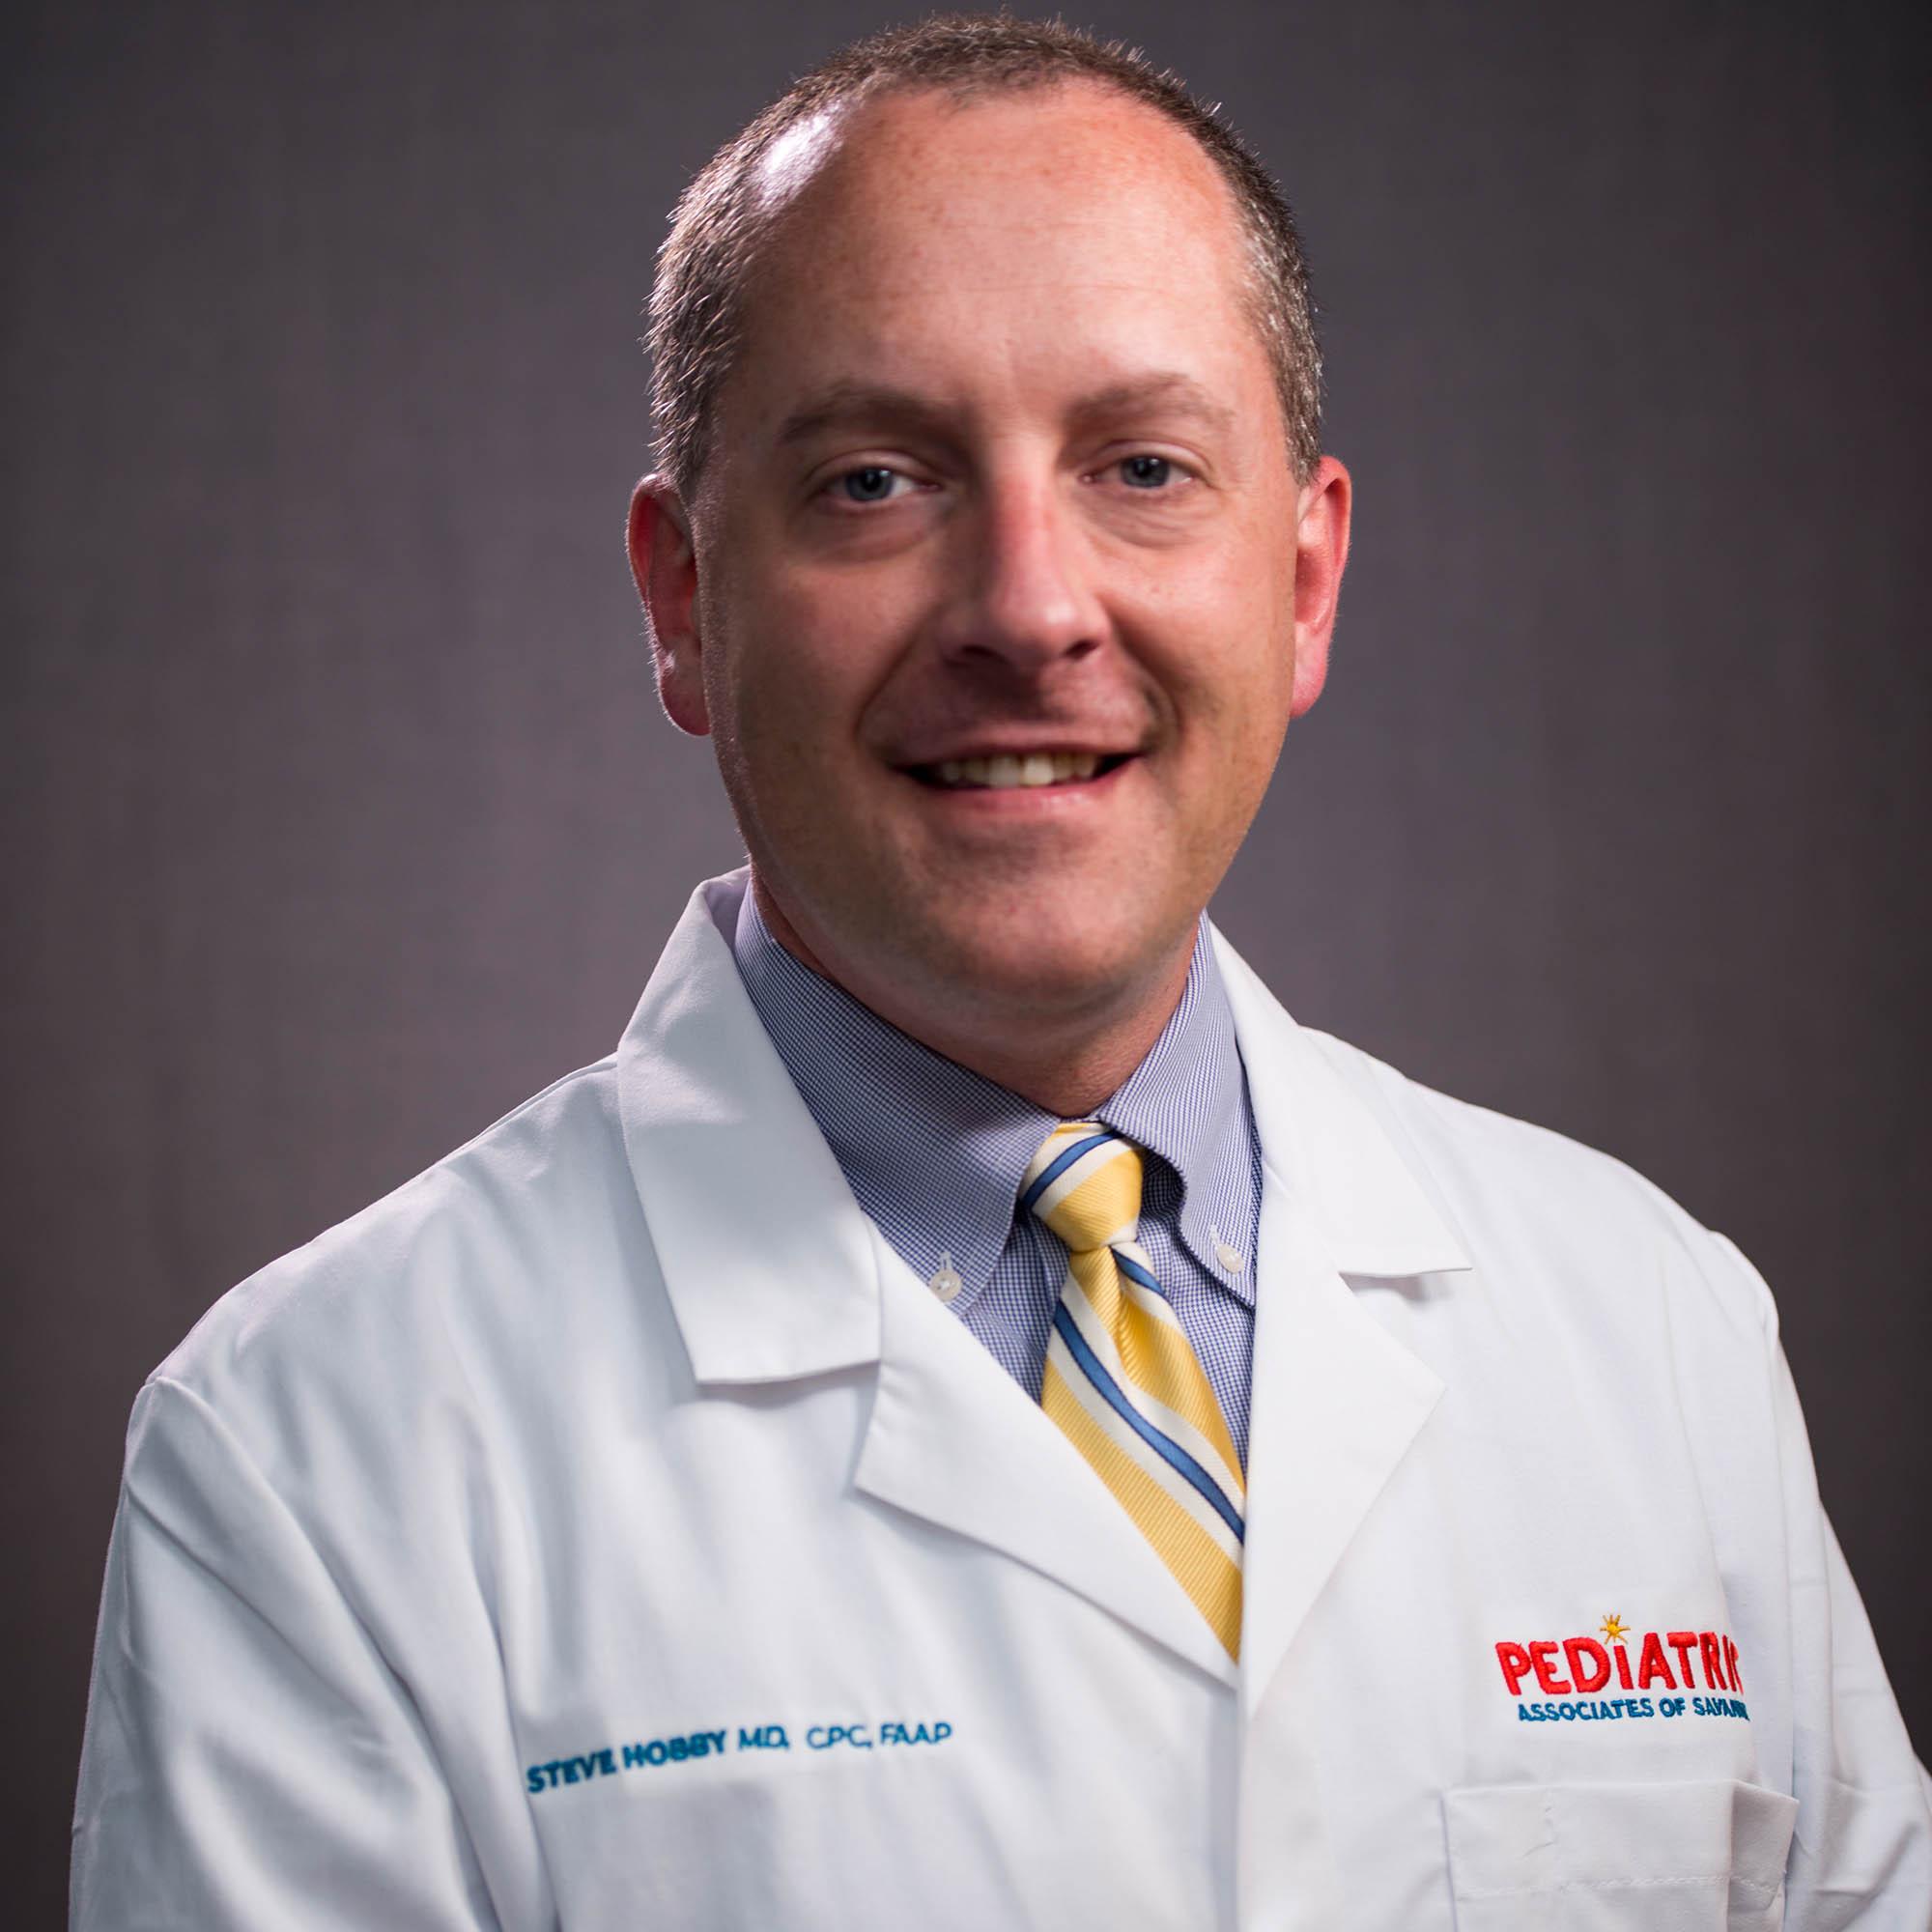 Dr. Steve Hobby